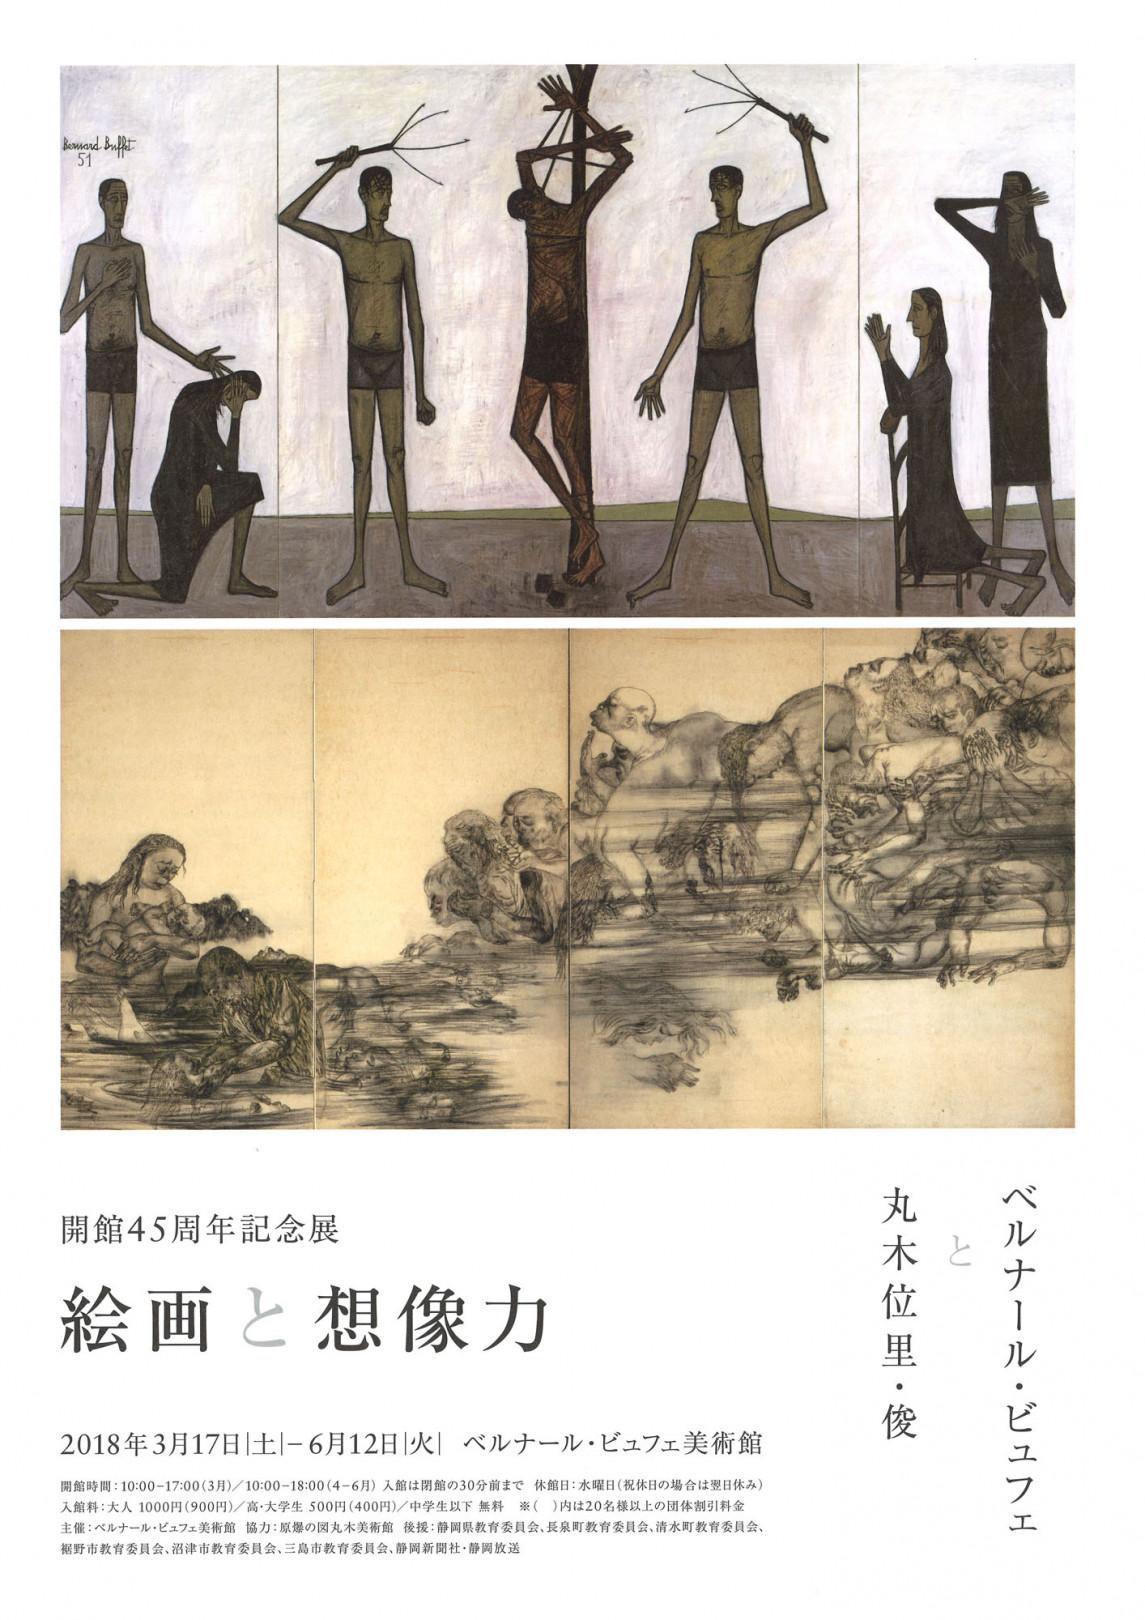 ベルナール・ビュフェ美術館 開館45周年企画展「絵画と想像力 ベルナール・ビュフェと丸木位里・俊」